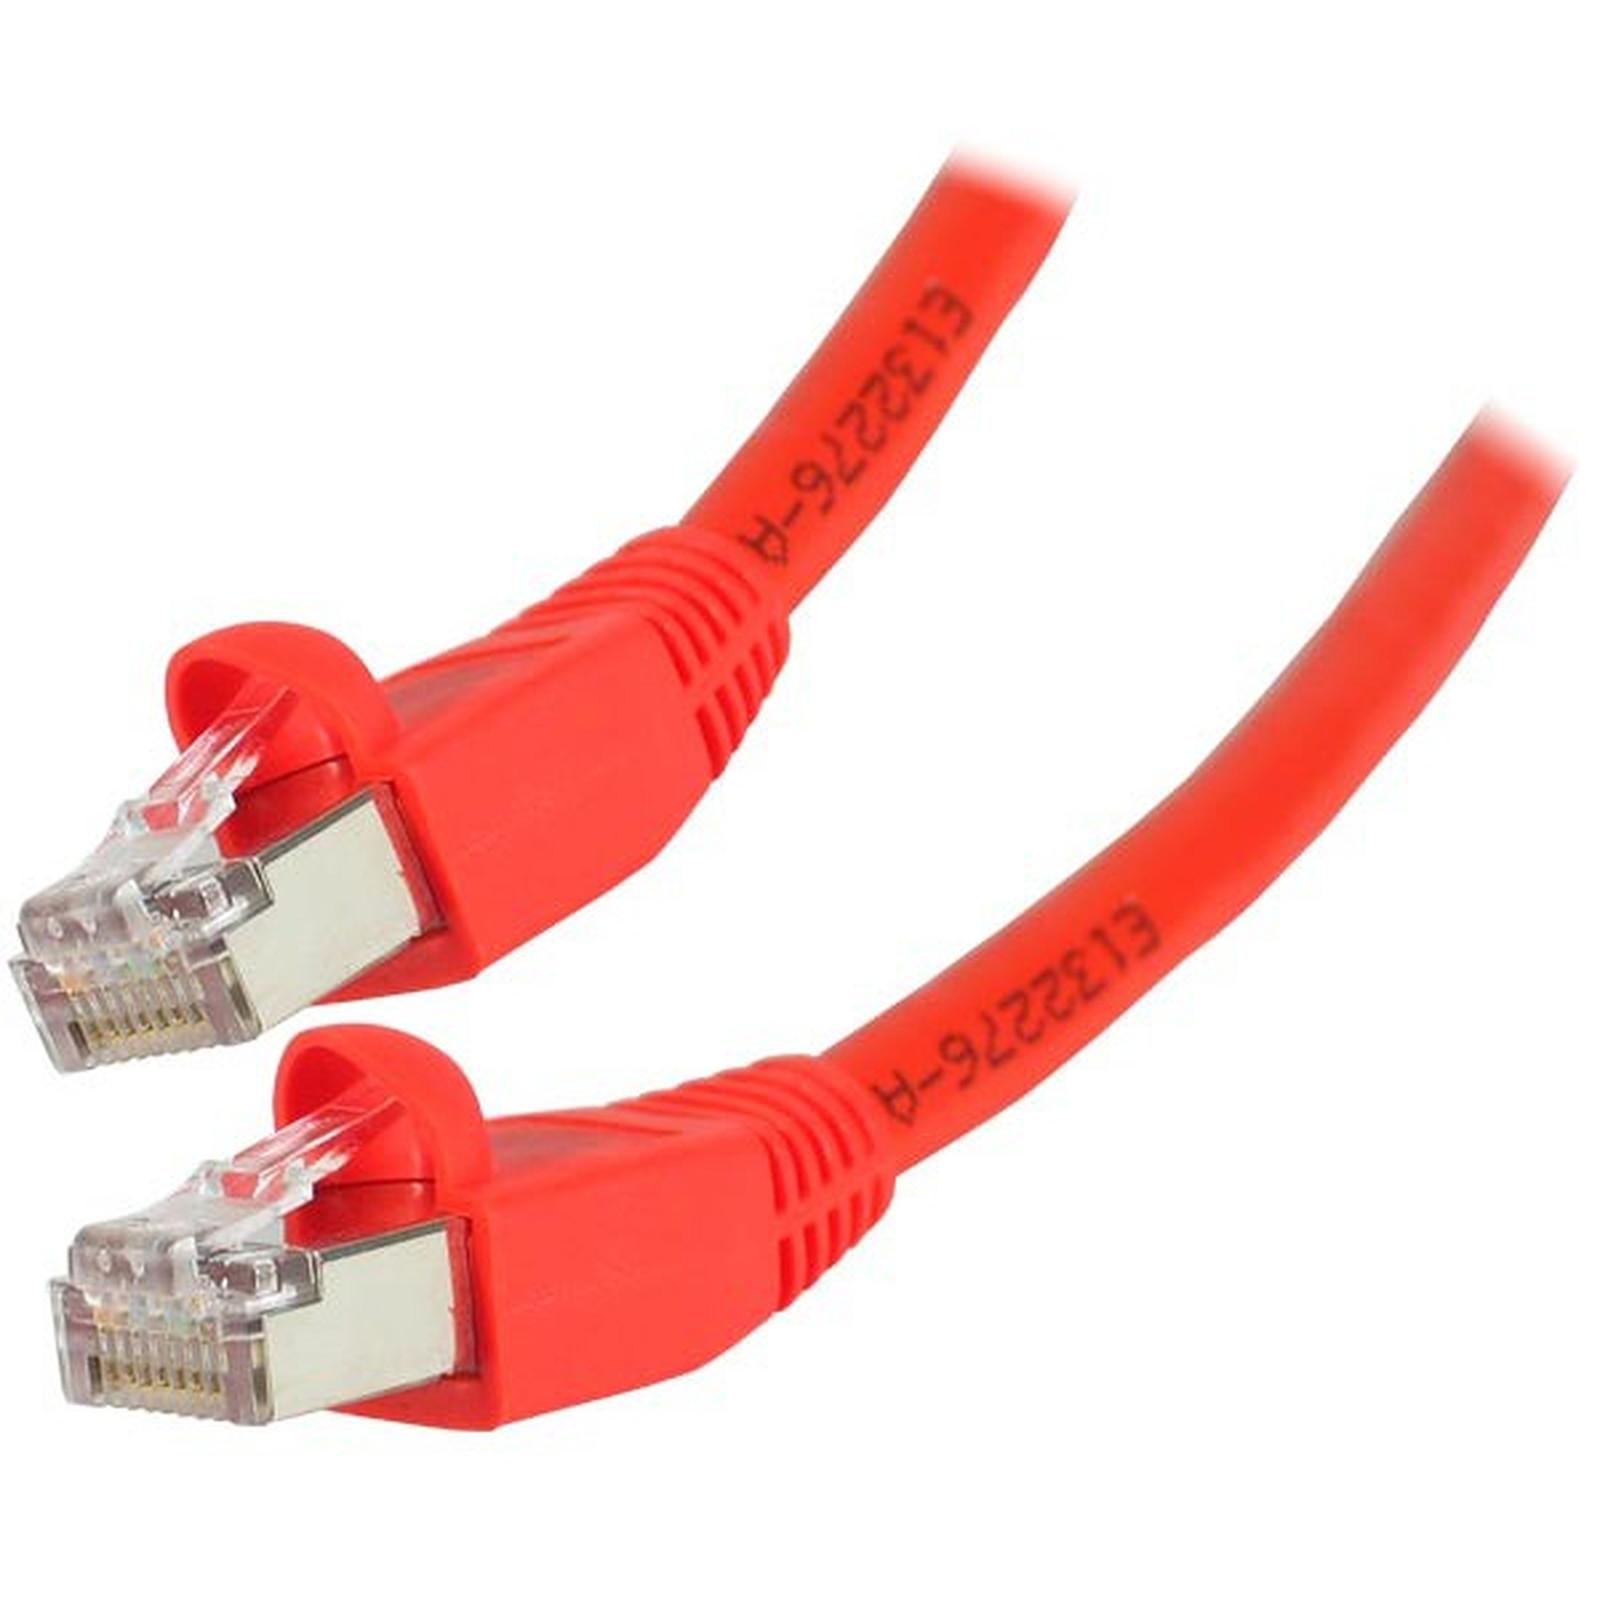 Câble RJ45 catégorie 6 S/FTP 1 m (Rouge)